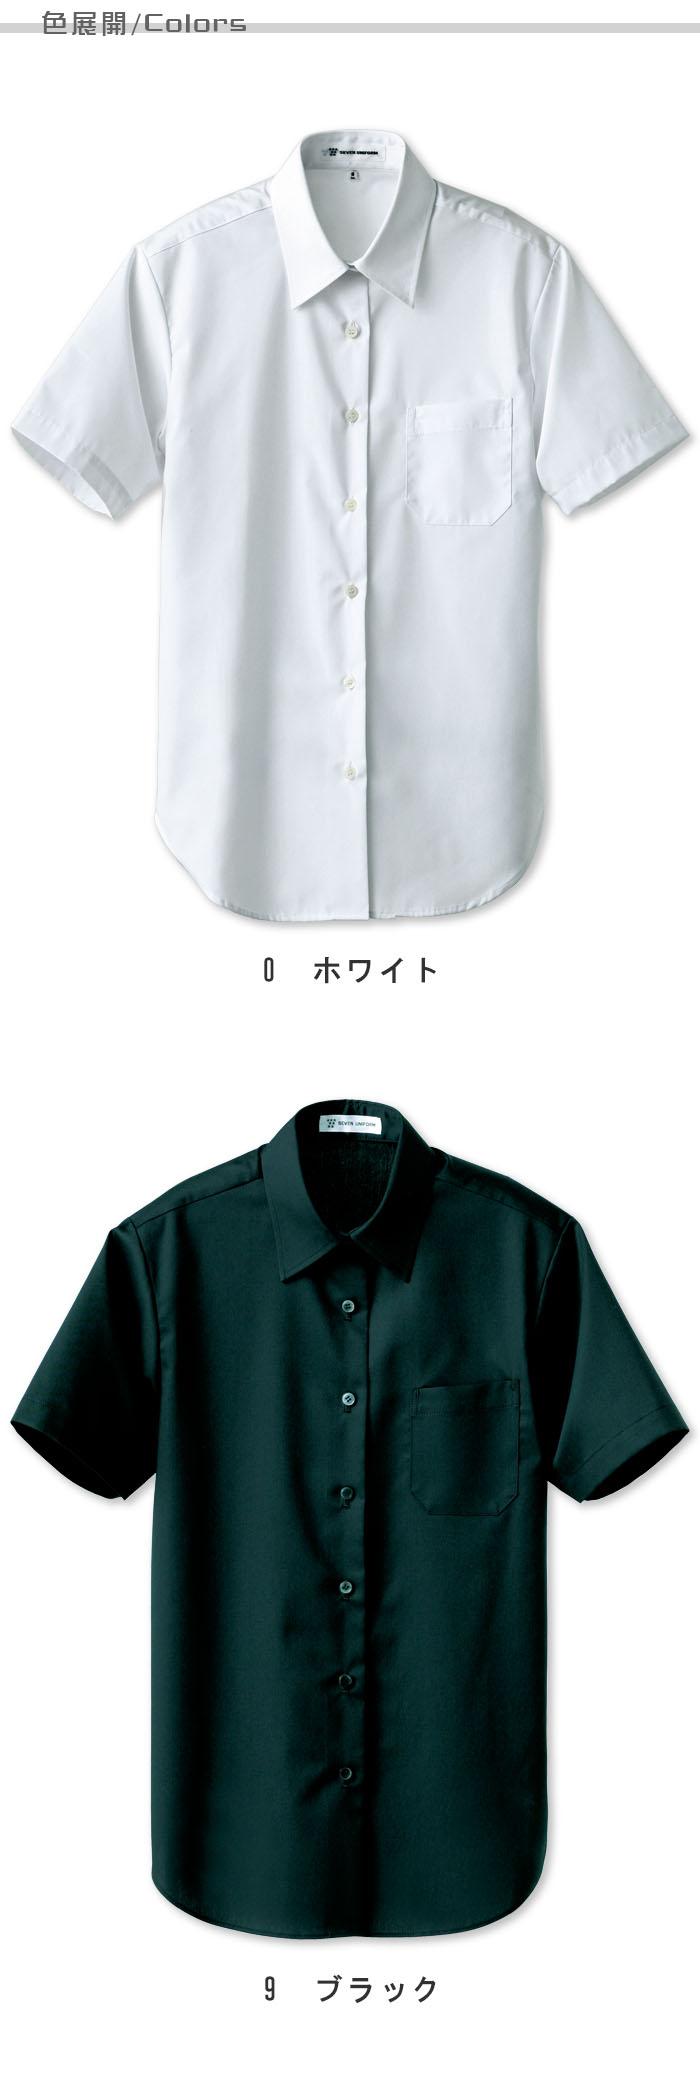 飲食店販売店制服 リーズナブルで厚手素材、21号サイズまである 半袖シャツ【2色】女性用 商品色展開説明